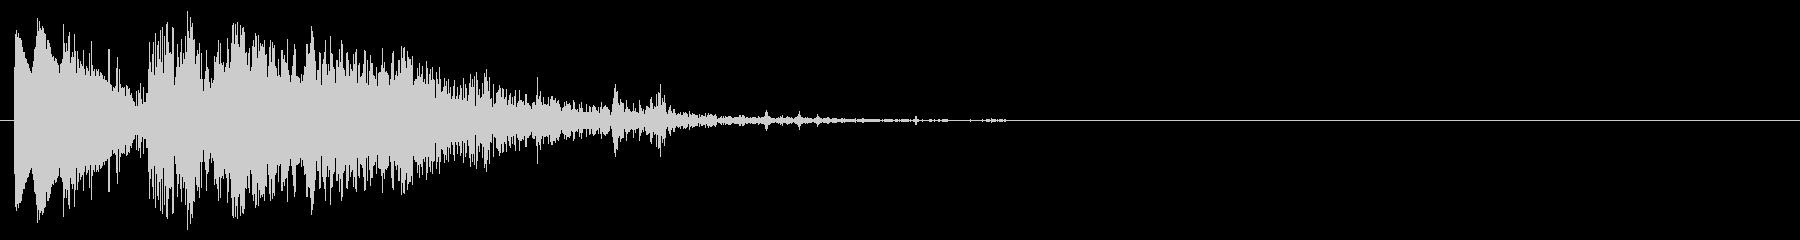 スミス&ウェッソンモデル19、.3...の未再生の波形